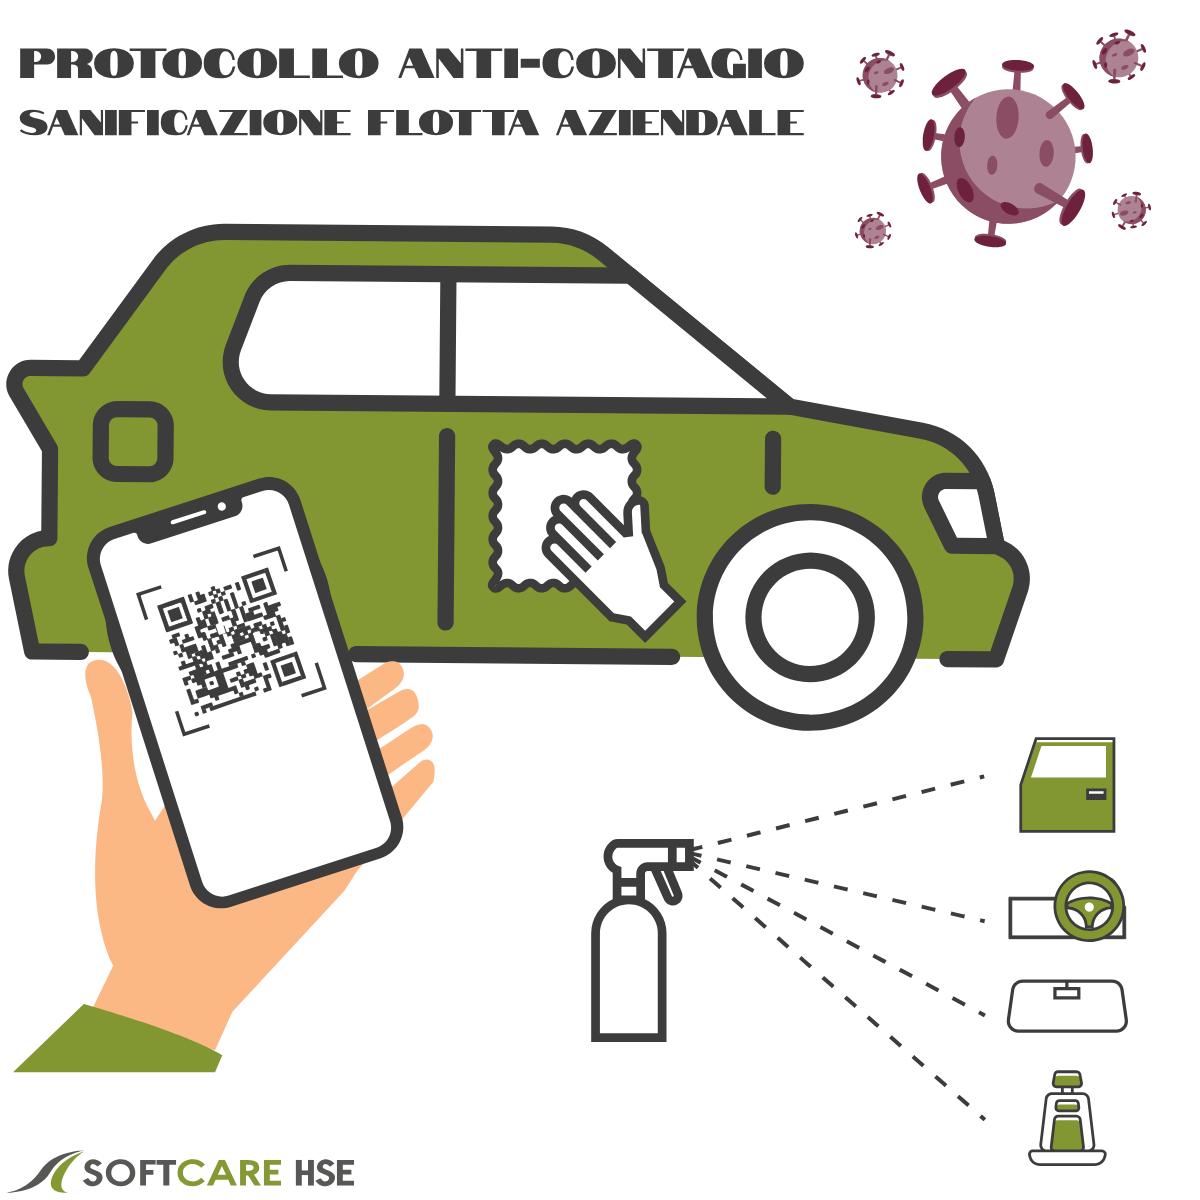 SOFTCARE HSE dedica particolare attenzione al protocollo anti-contagio e la sanificazione della flotta aziendale, per prevenire l'infezione SARS-CoV-2019.